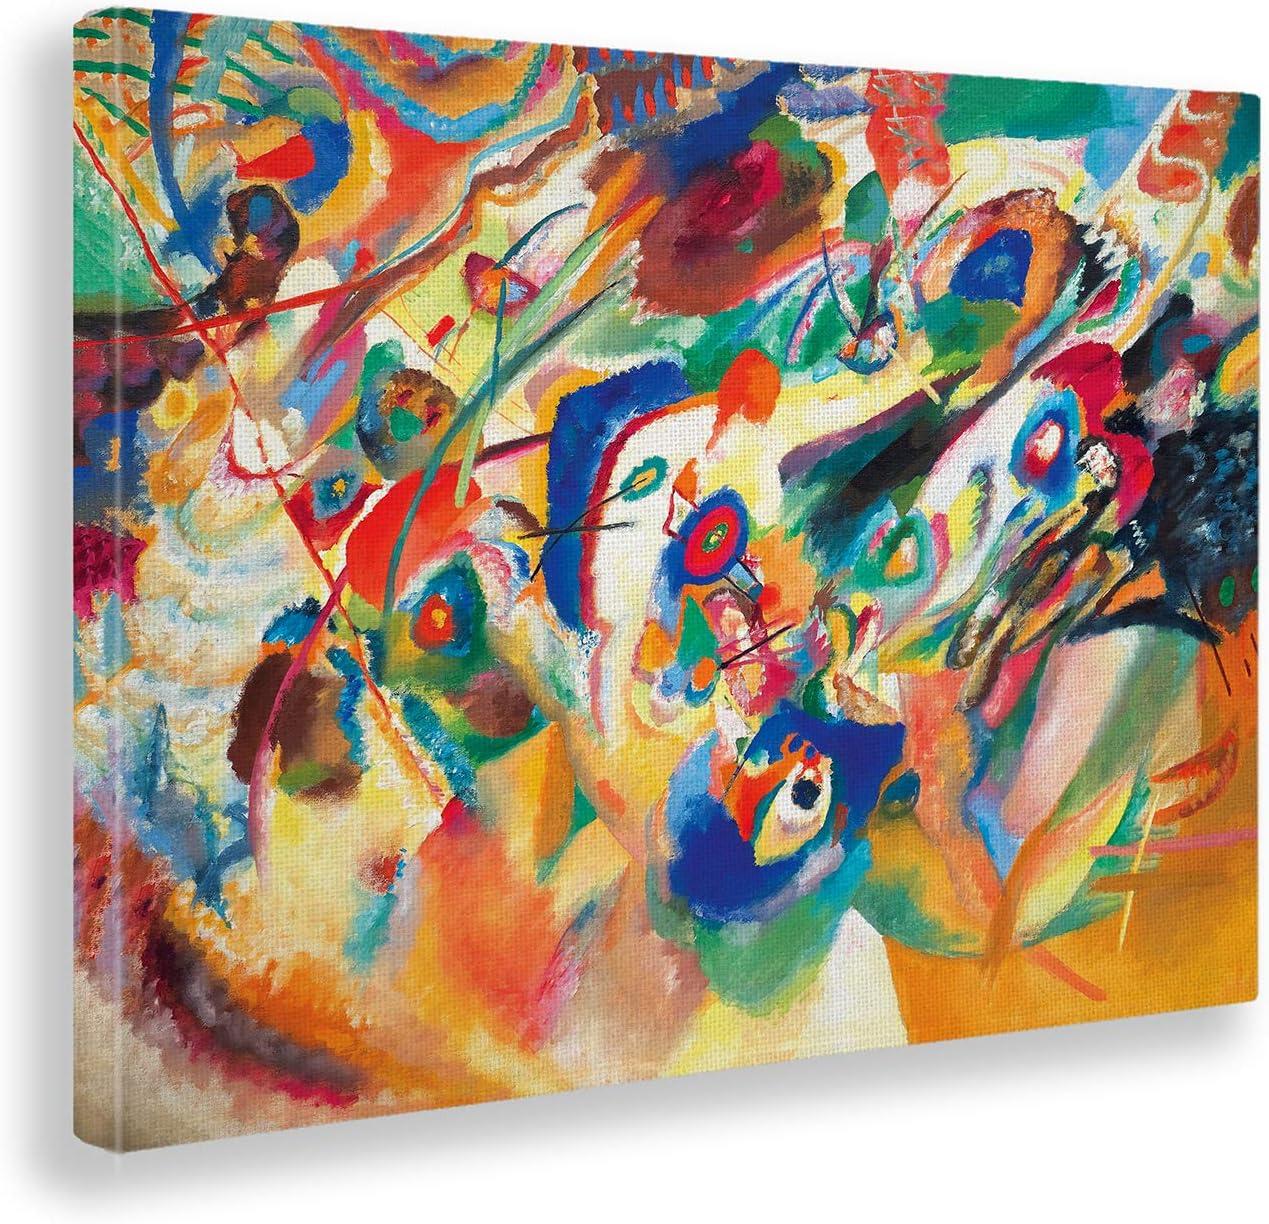 Giallobus - Cuadro - Kandinsky - Borrador 2 para la composición VII - Estampado en Lienzo - Listo para Colgar - Varios tamaños - 100x70 cm